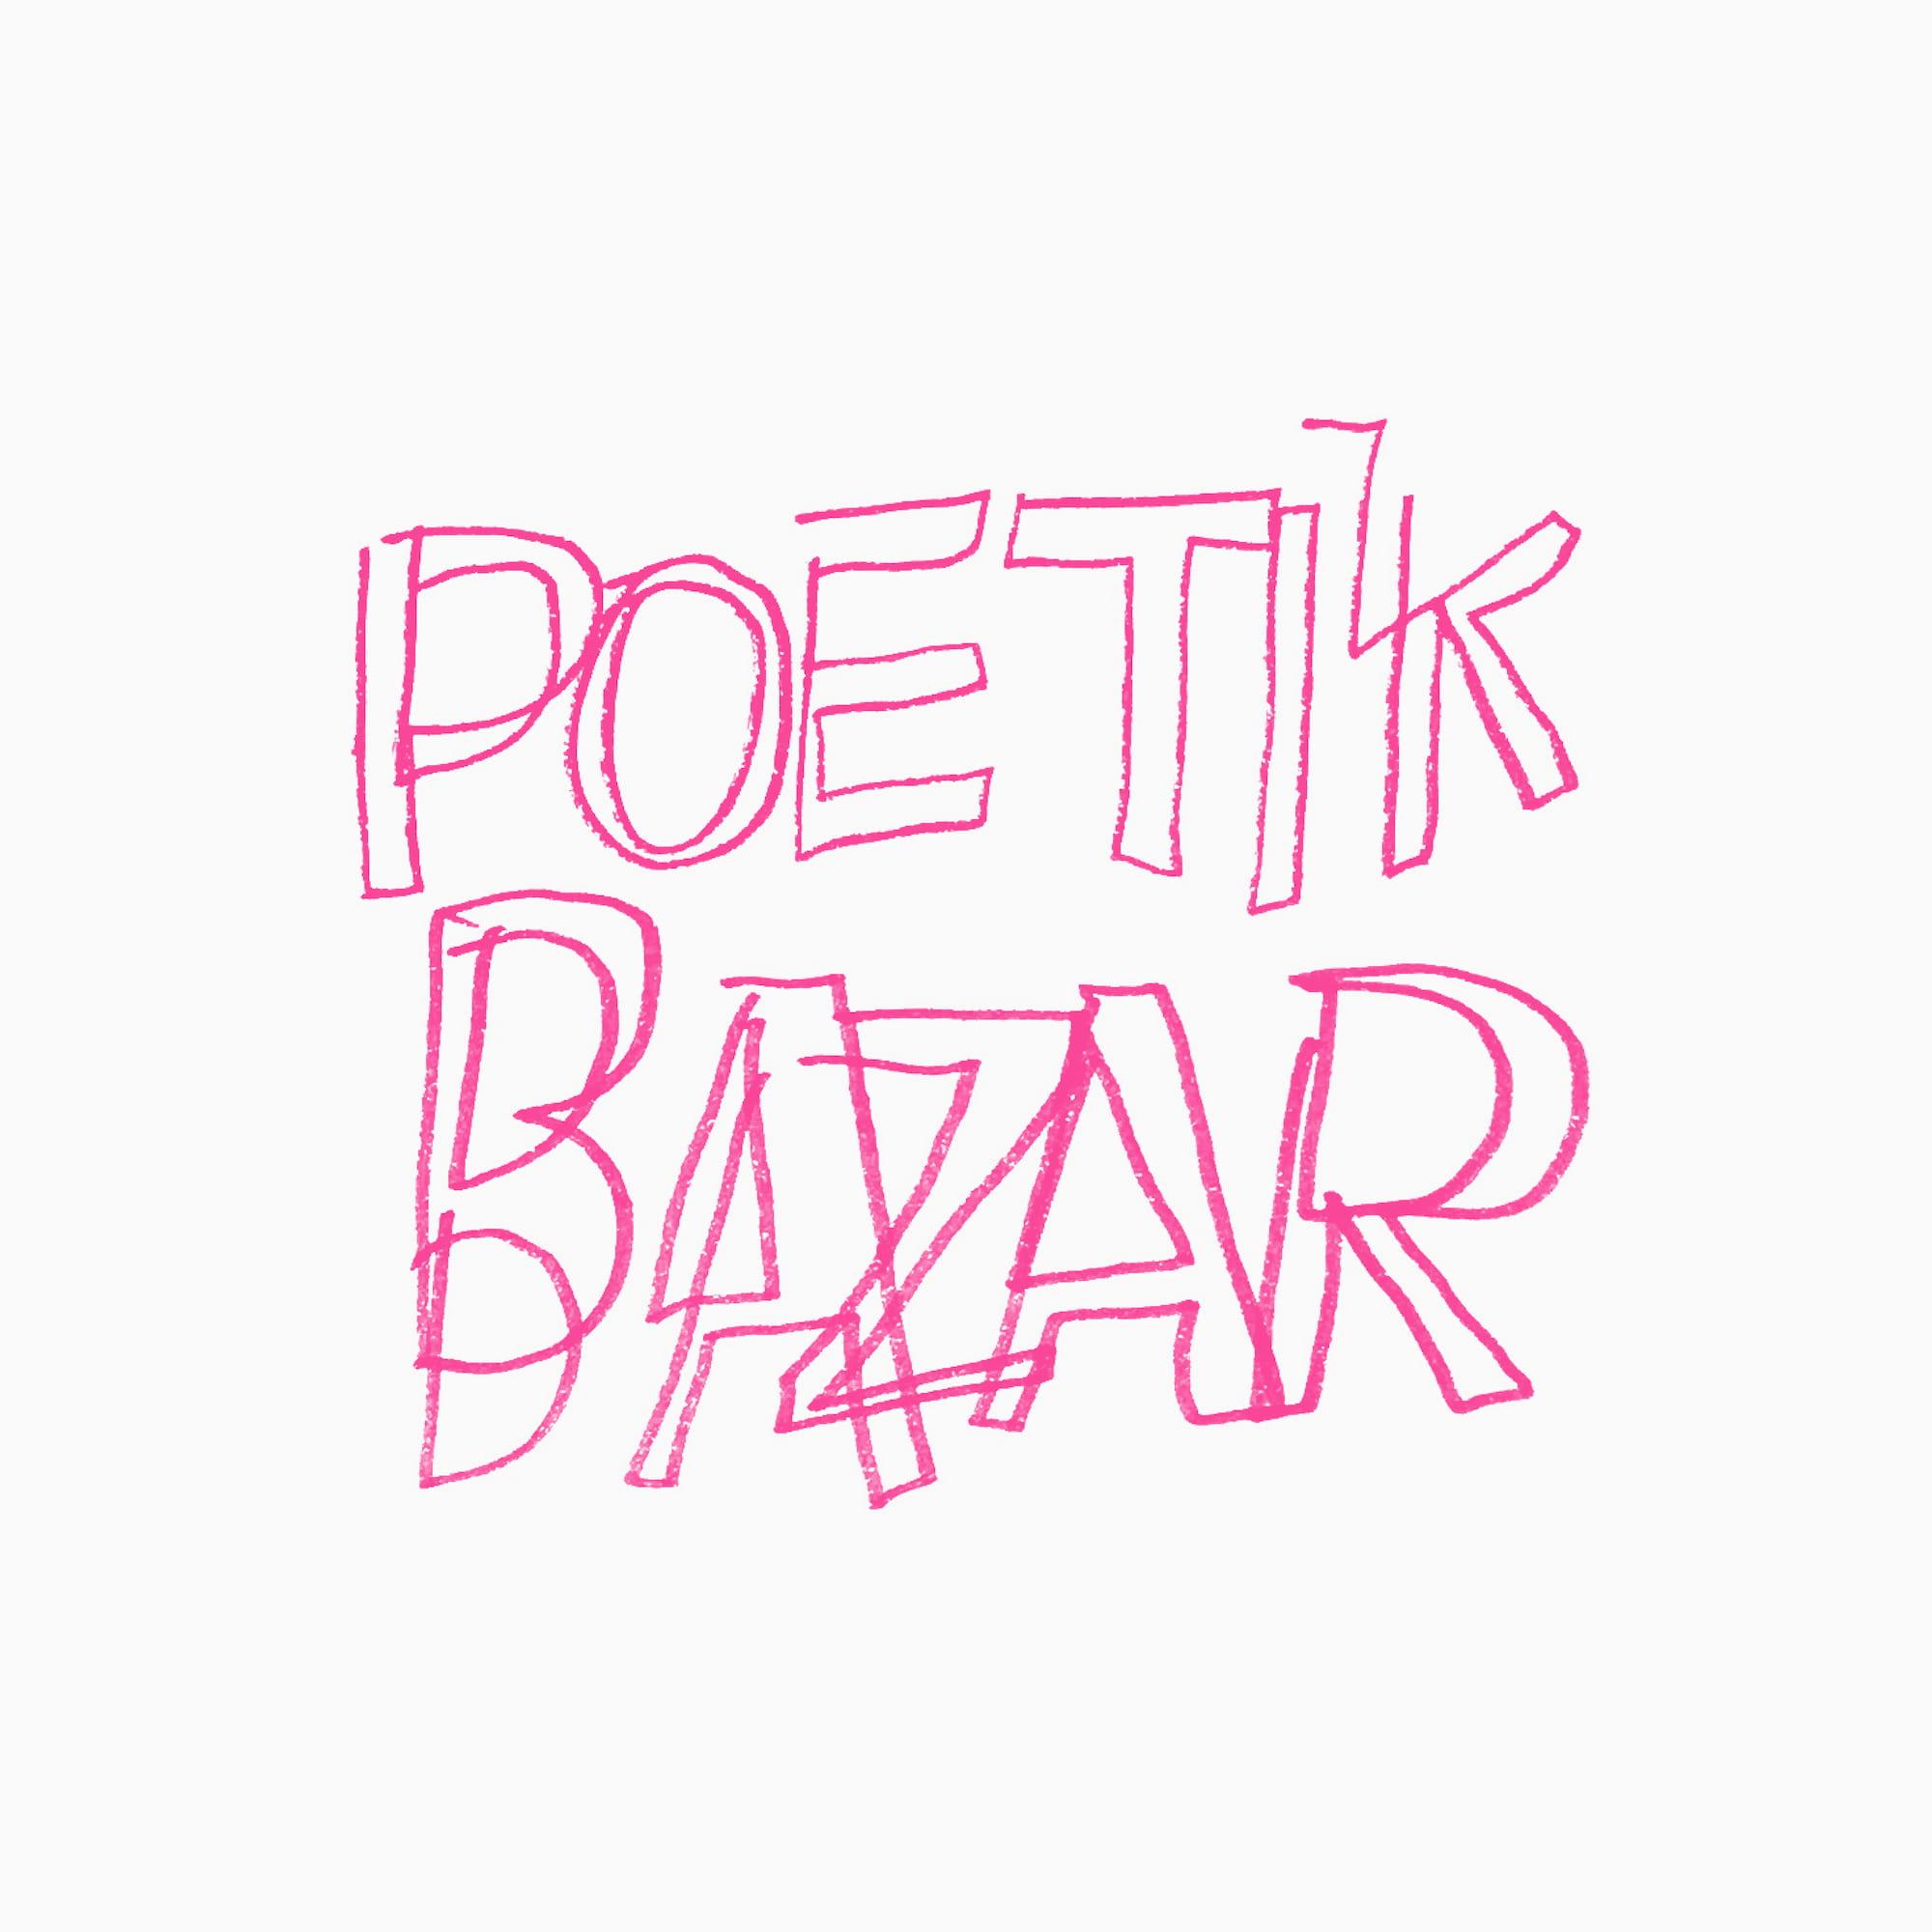 Poetik Bazar marché de la poésie Bruxelles évènement